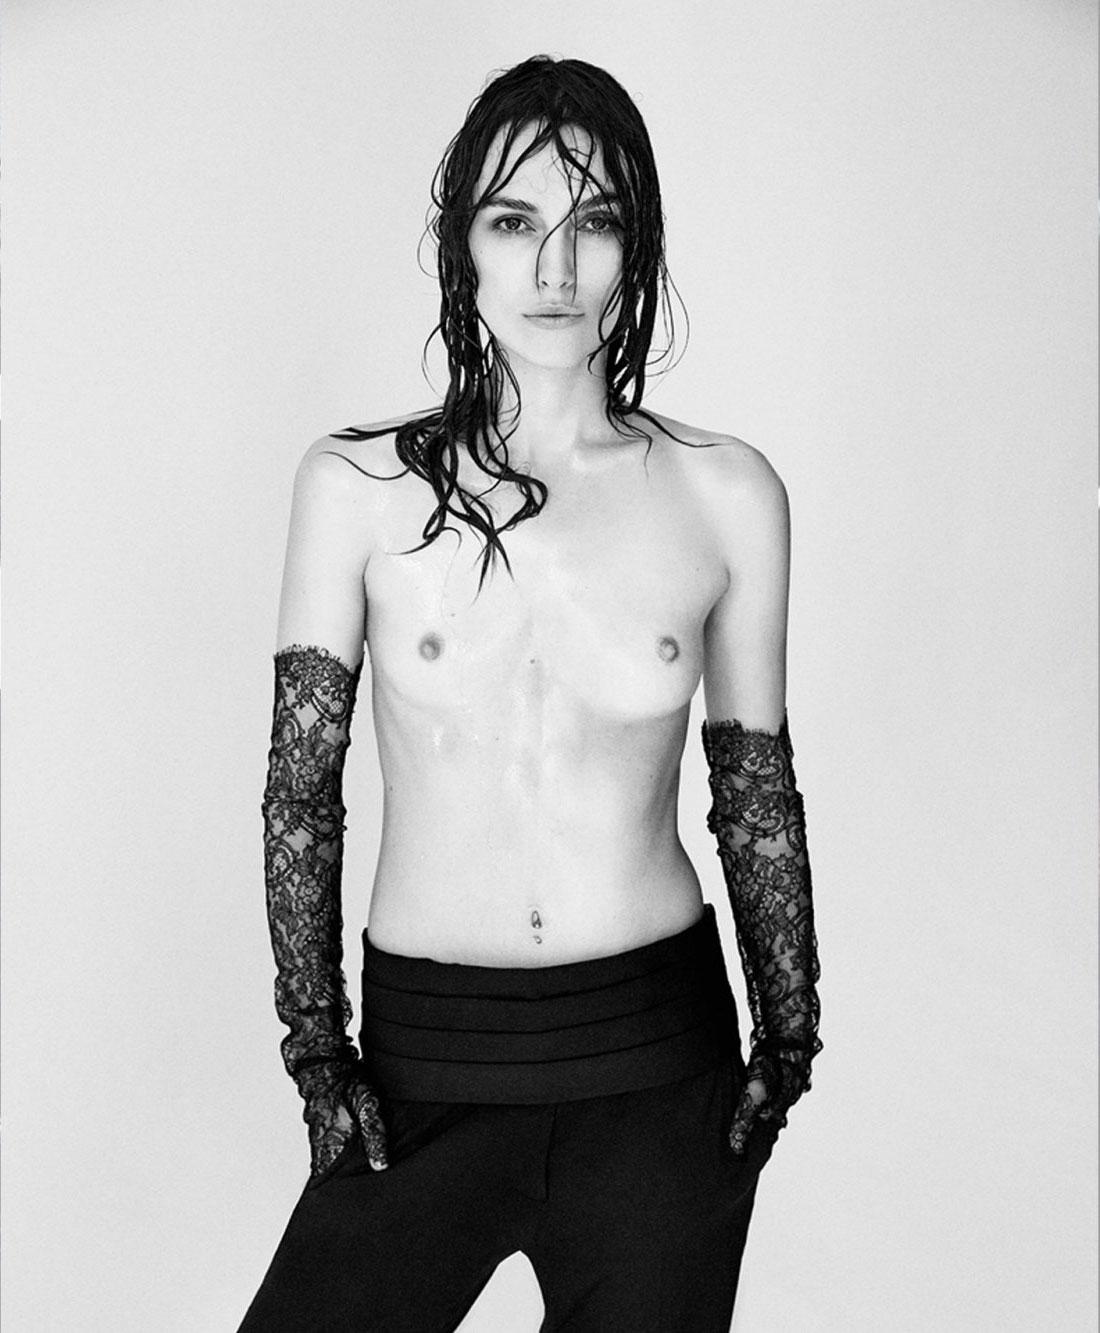 Keria Knightley Topless